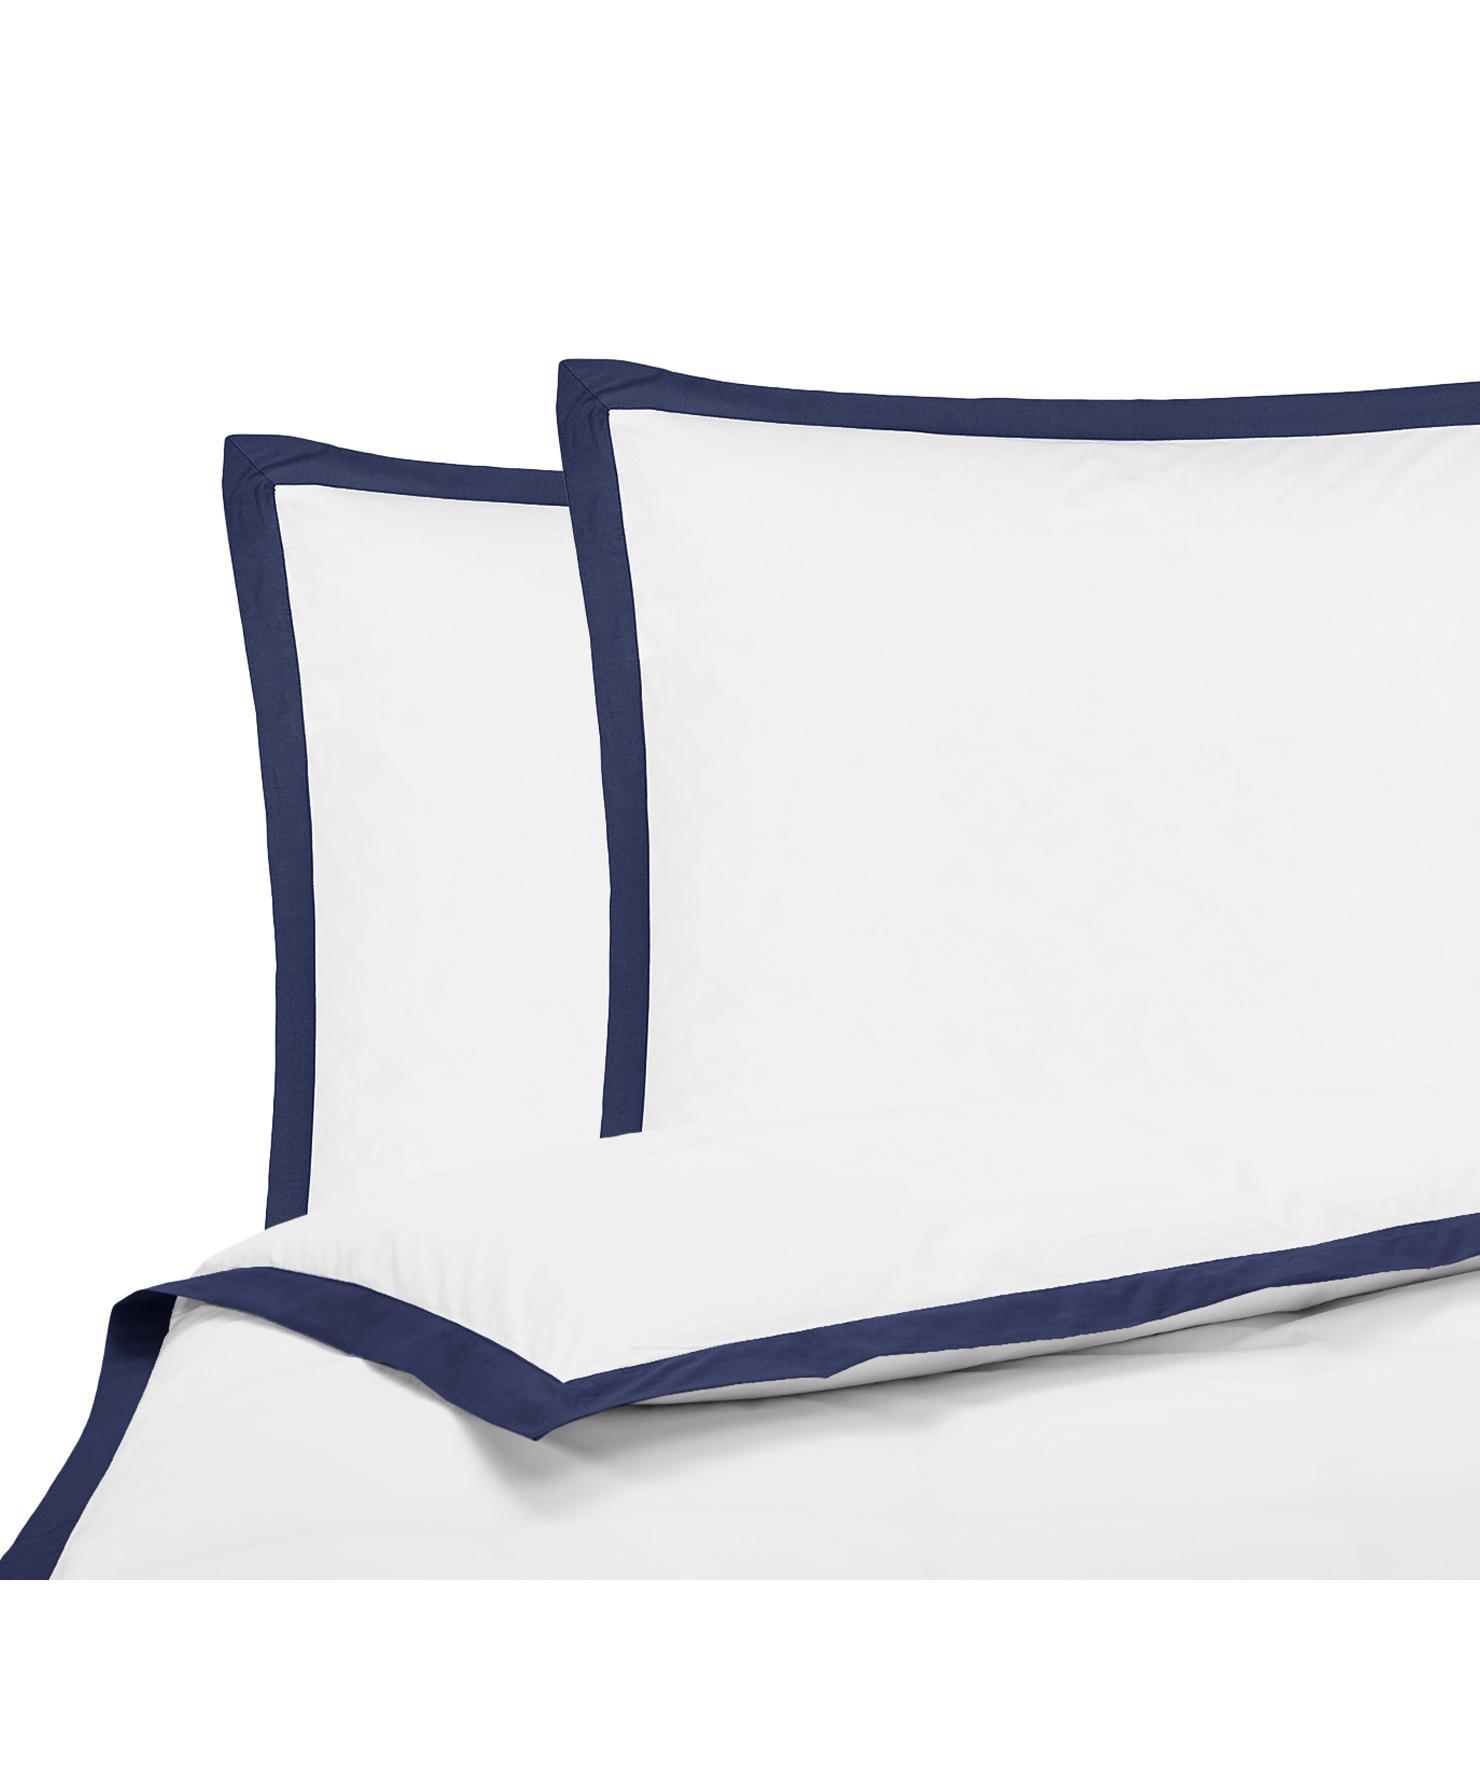 Baumwollperkal-Bettwäsche Joanna in Weiß mit blauem Stehsaum, Webart: Perkal Fadendichte 200 TC, Weiß, Dunkelblau, 240 x 220 cm + 2 Kissen 80 x 80 cm